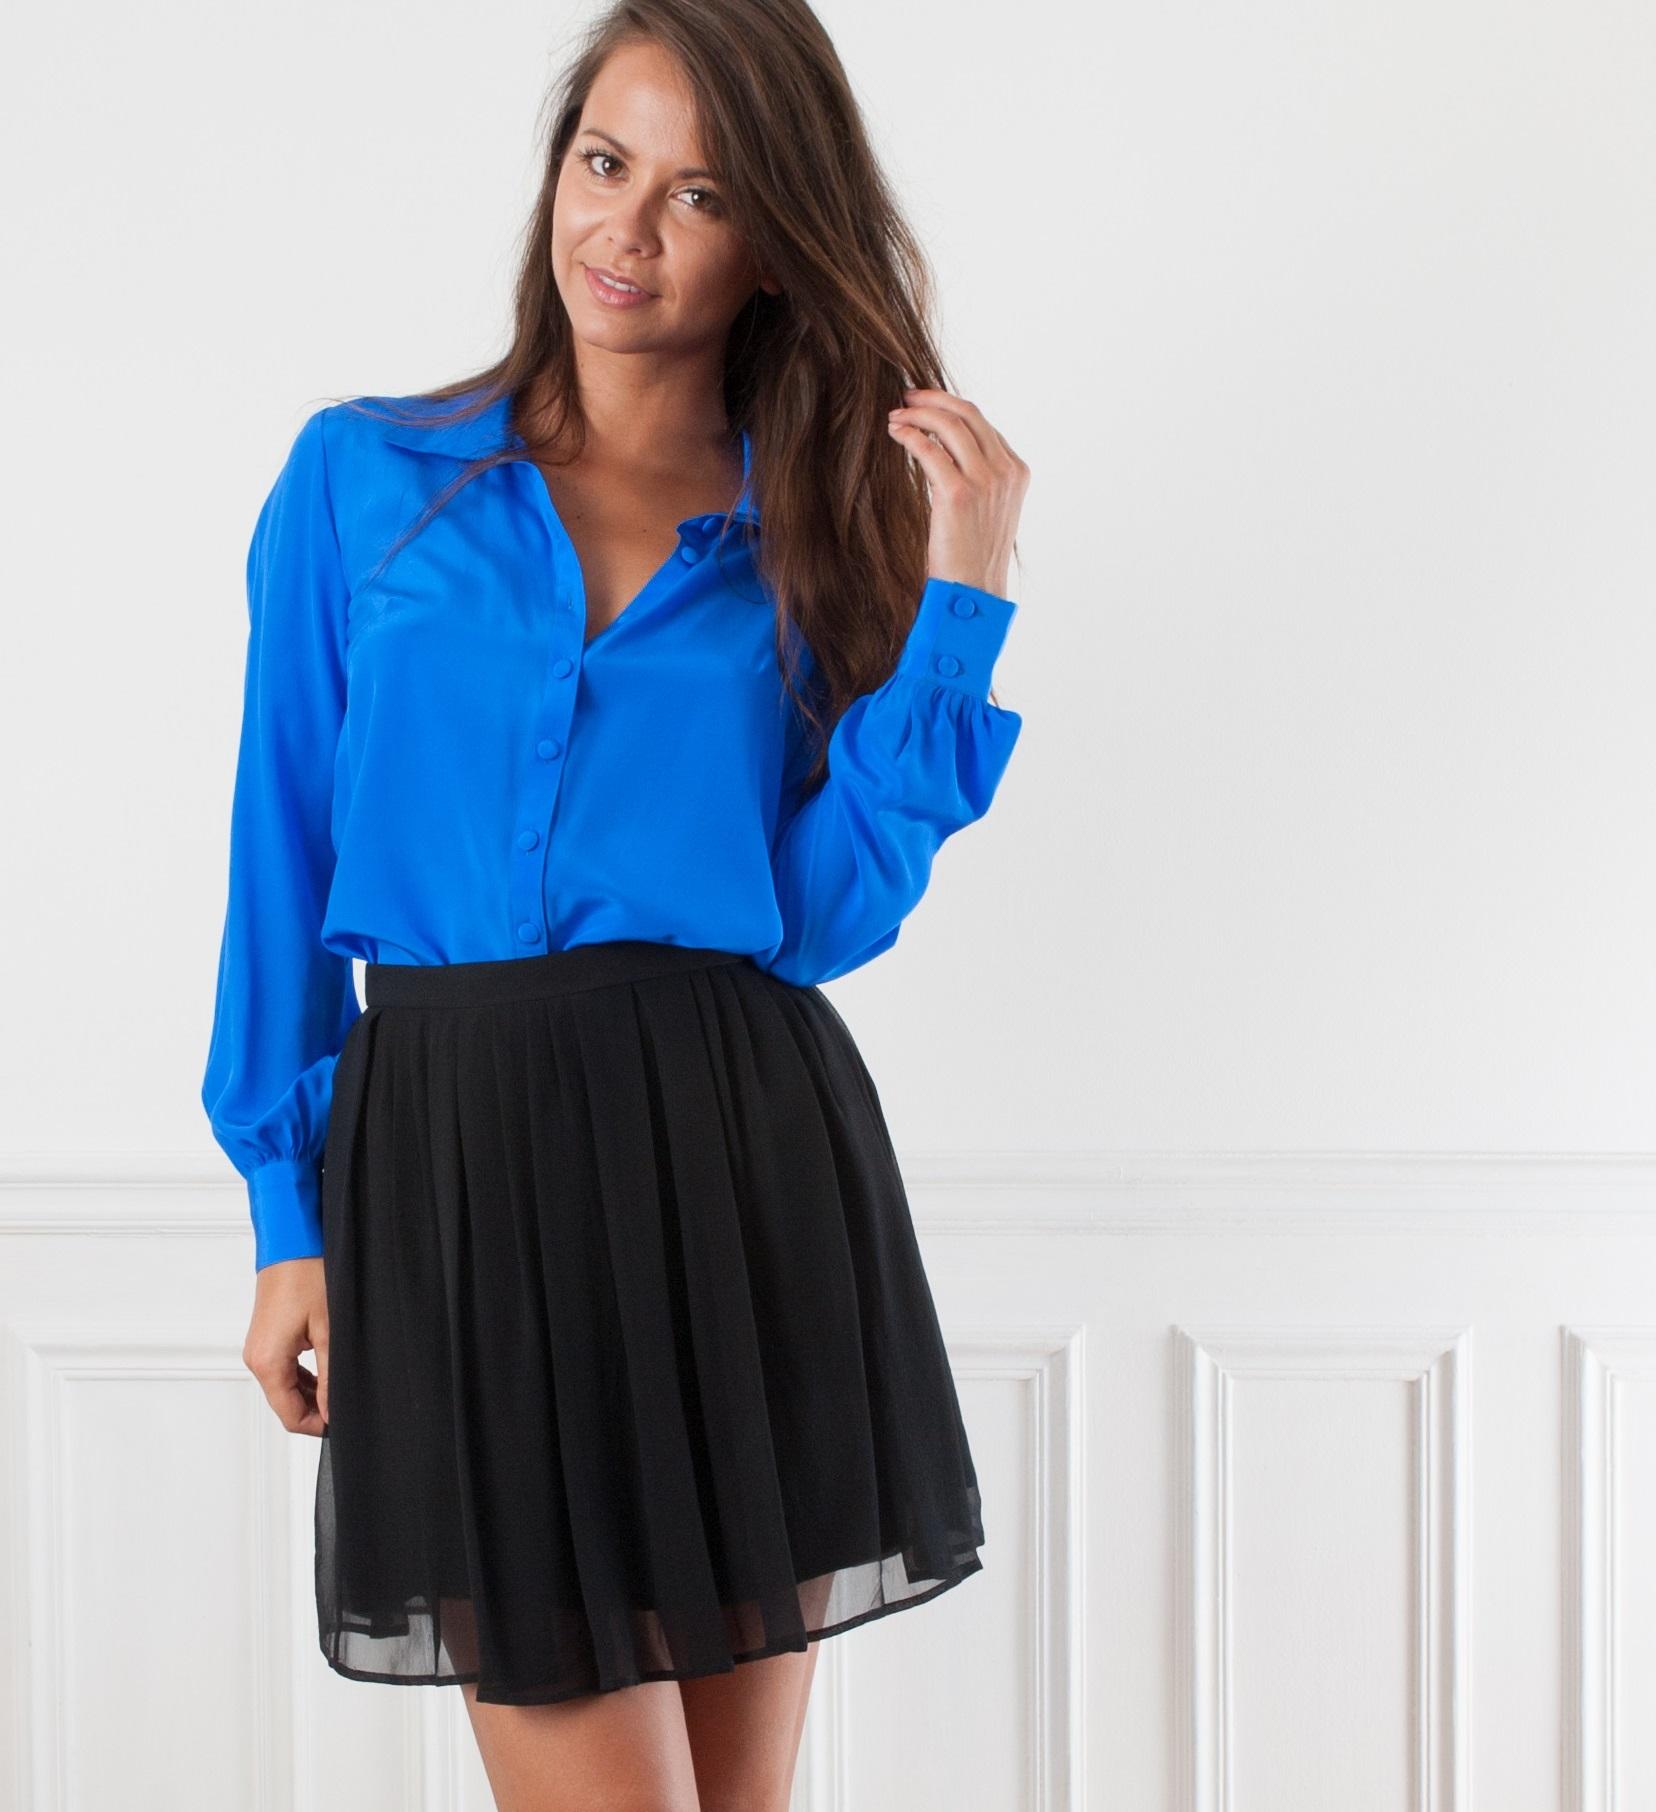 1eb1332e510a5 Je veux trouver une belle chemise femme et agréable à porter pas cher ICI  Chemisier en soie